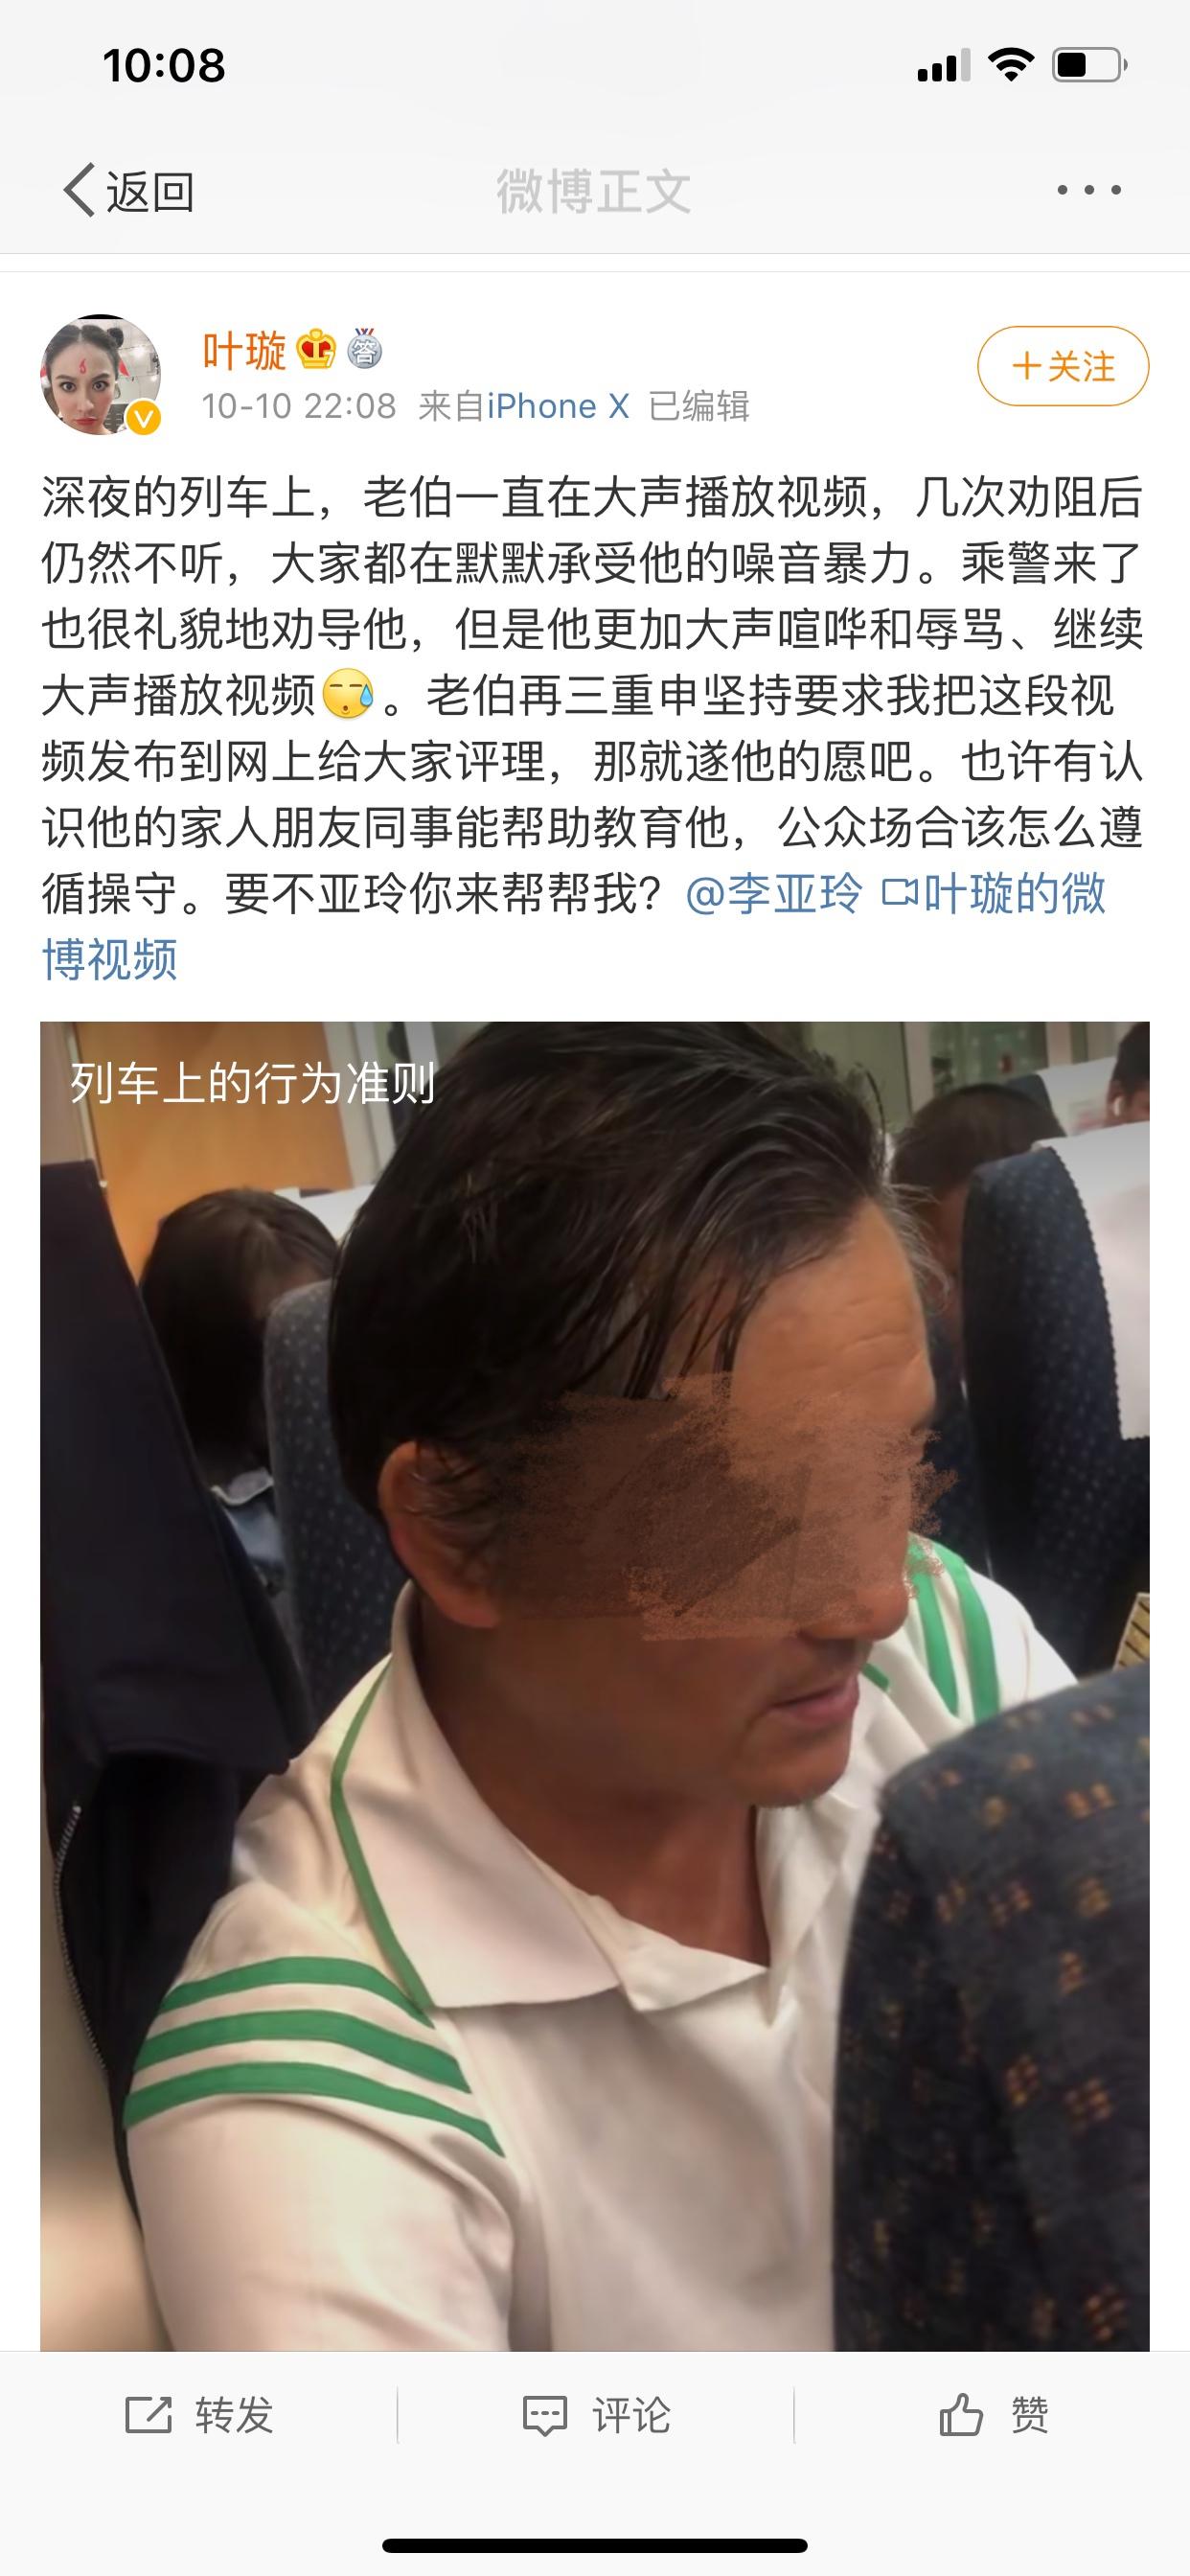 日产CEO西川广人辞职 对不当多领报酬担责